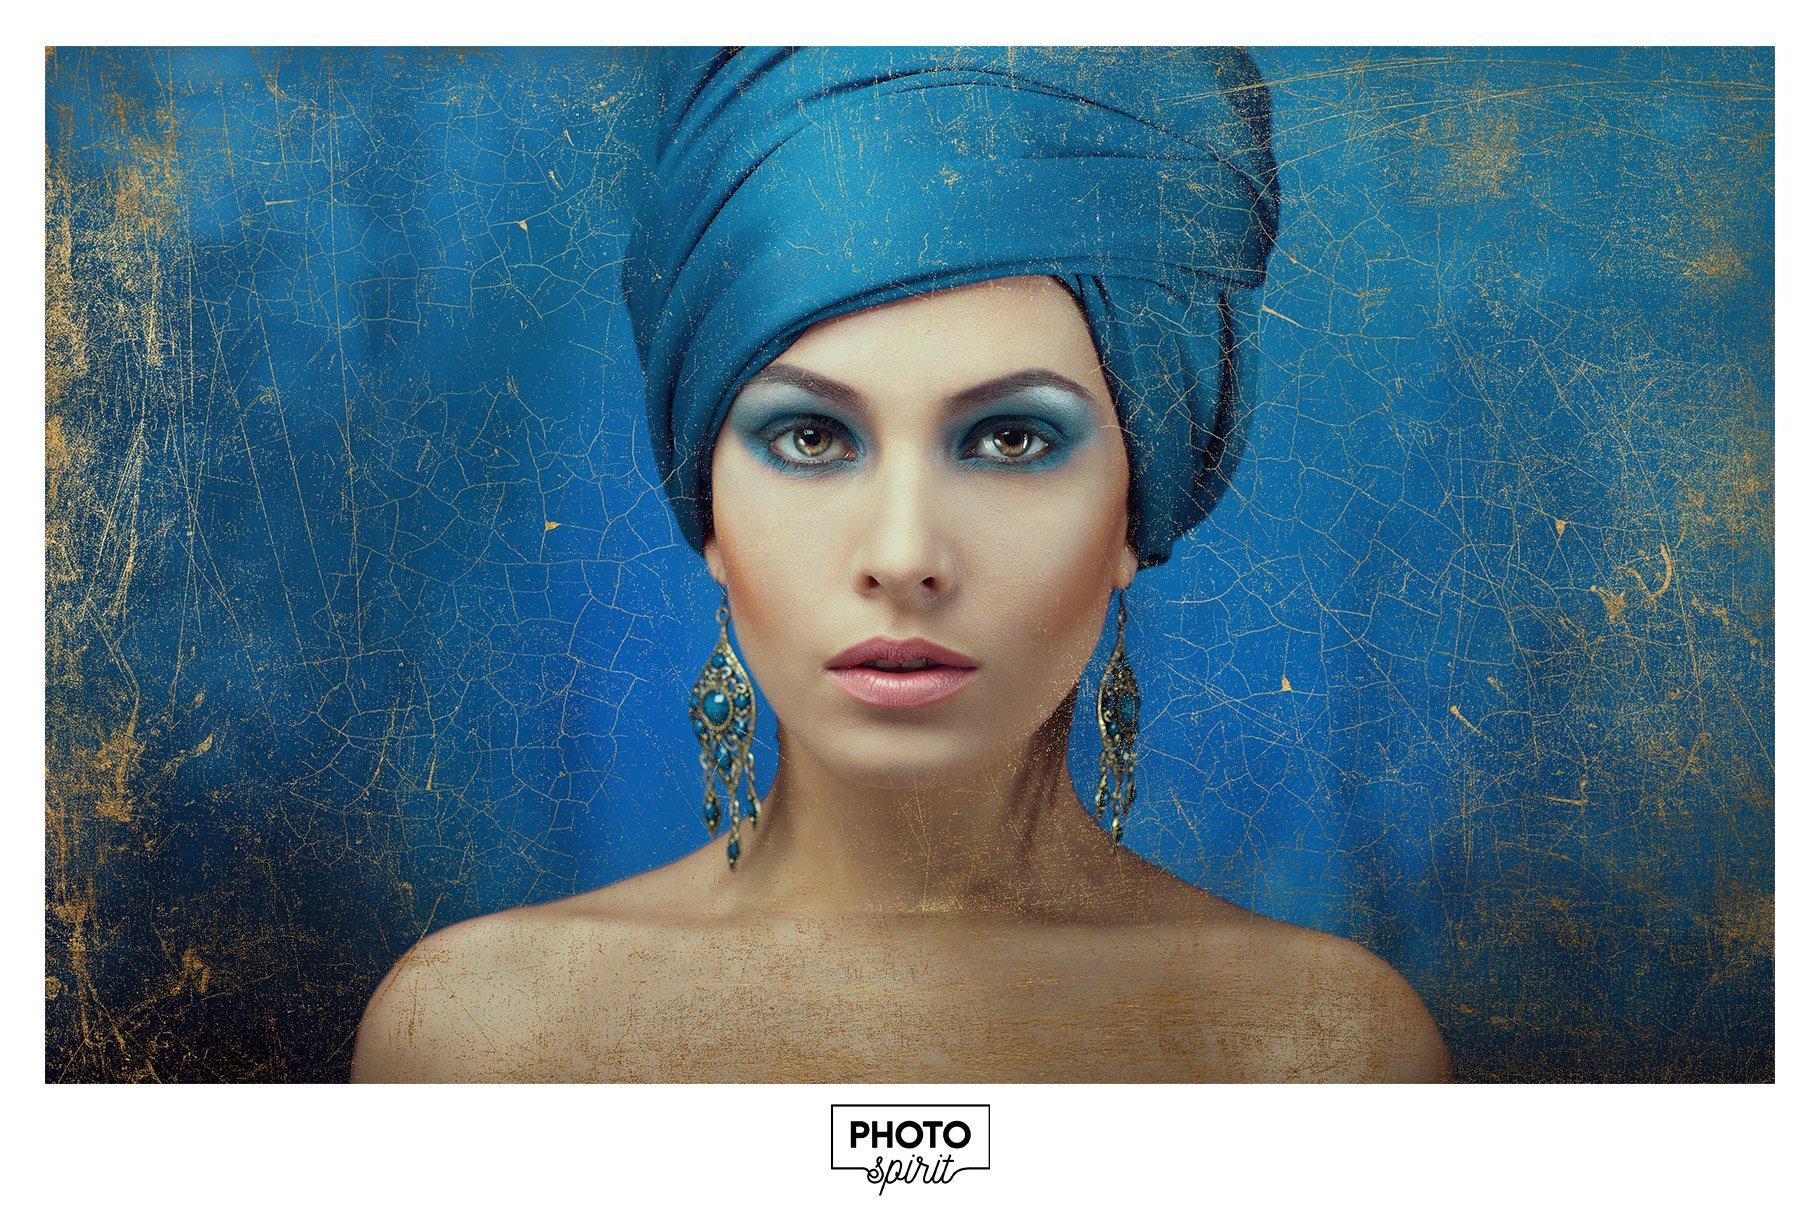 金色光泽铜绿划痕飞溅照片叠加层效果PS素材 Golden Patina Photo Effect插图(2)